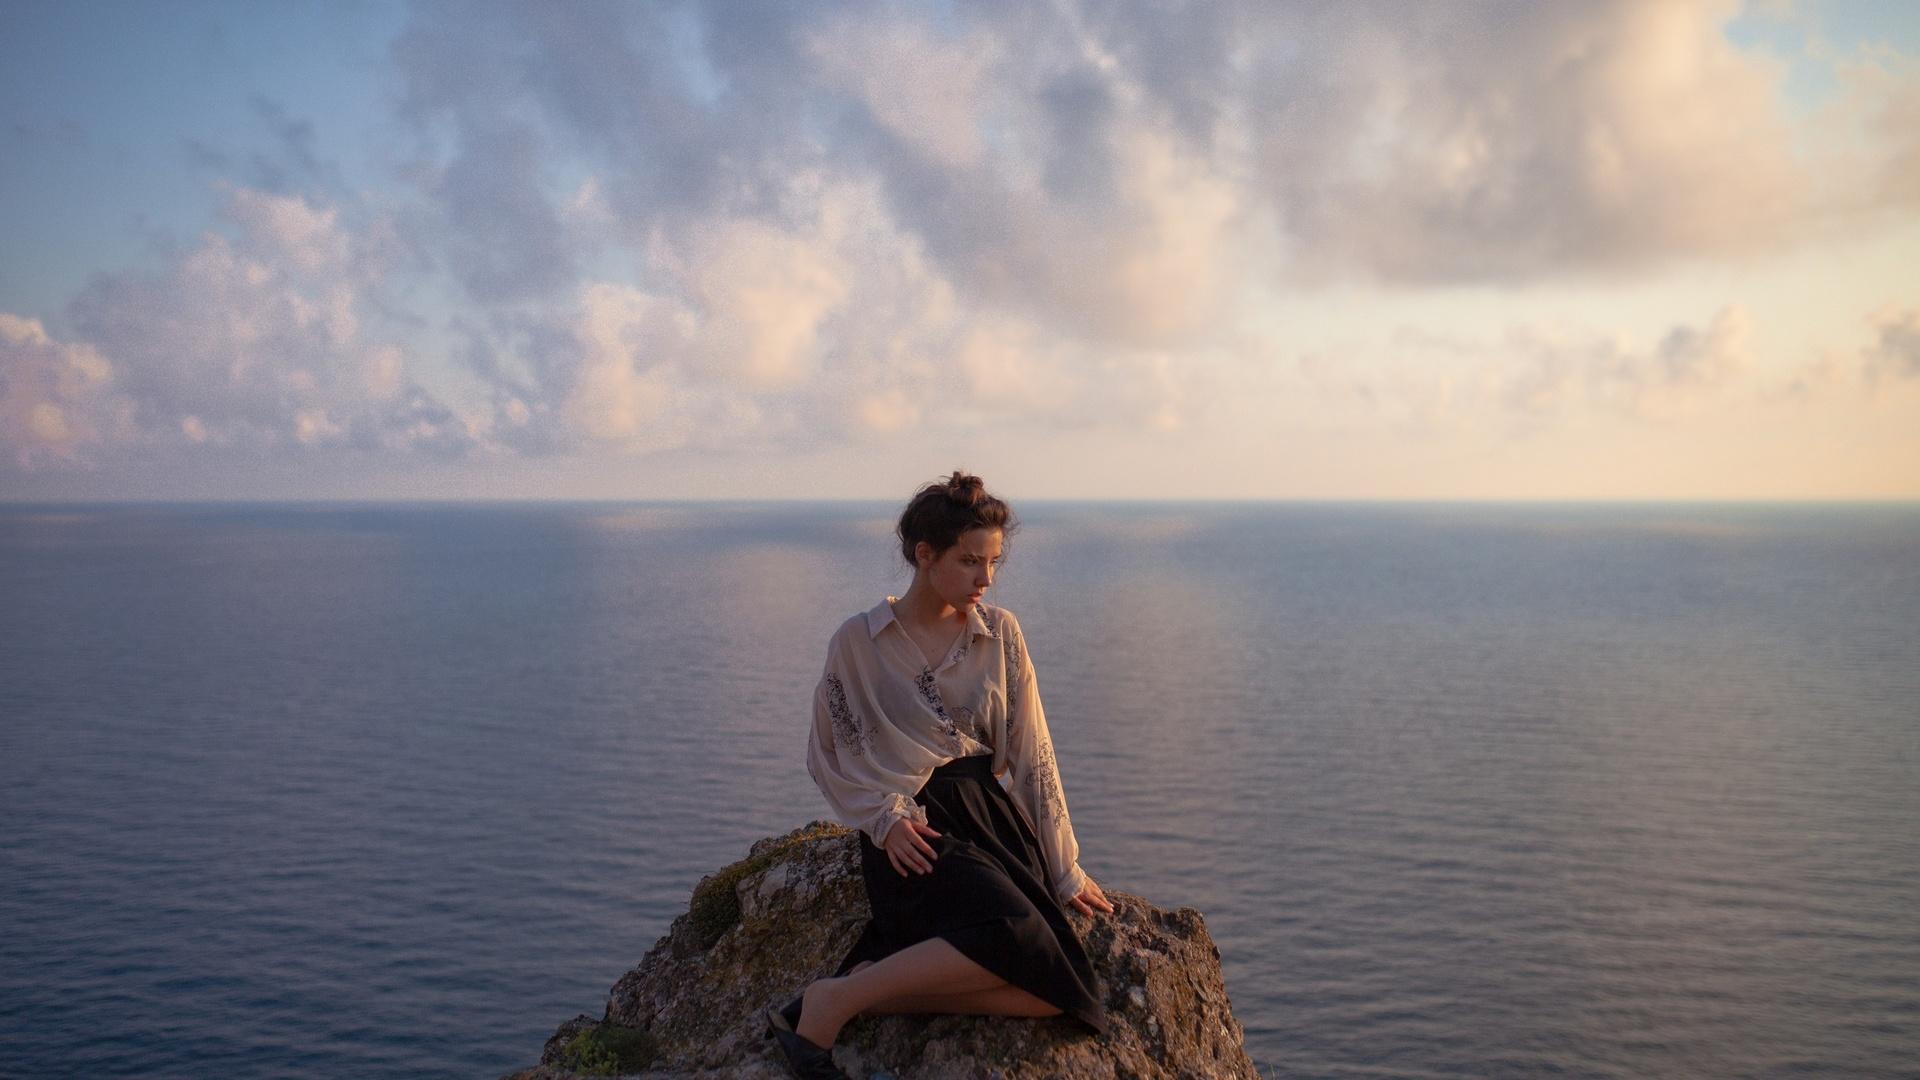 девушка, высота, владлен тарасенко, море, небо